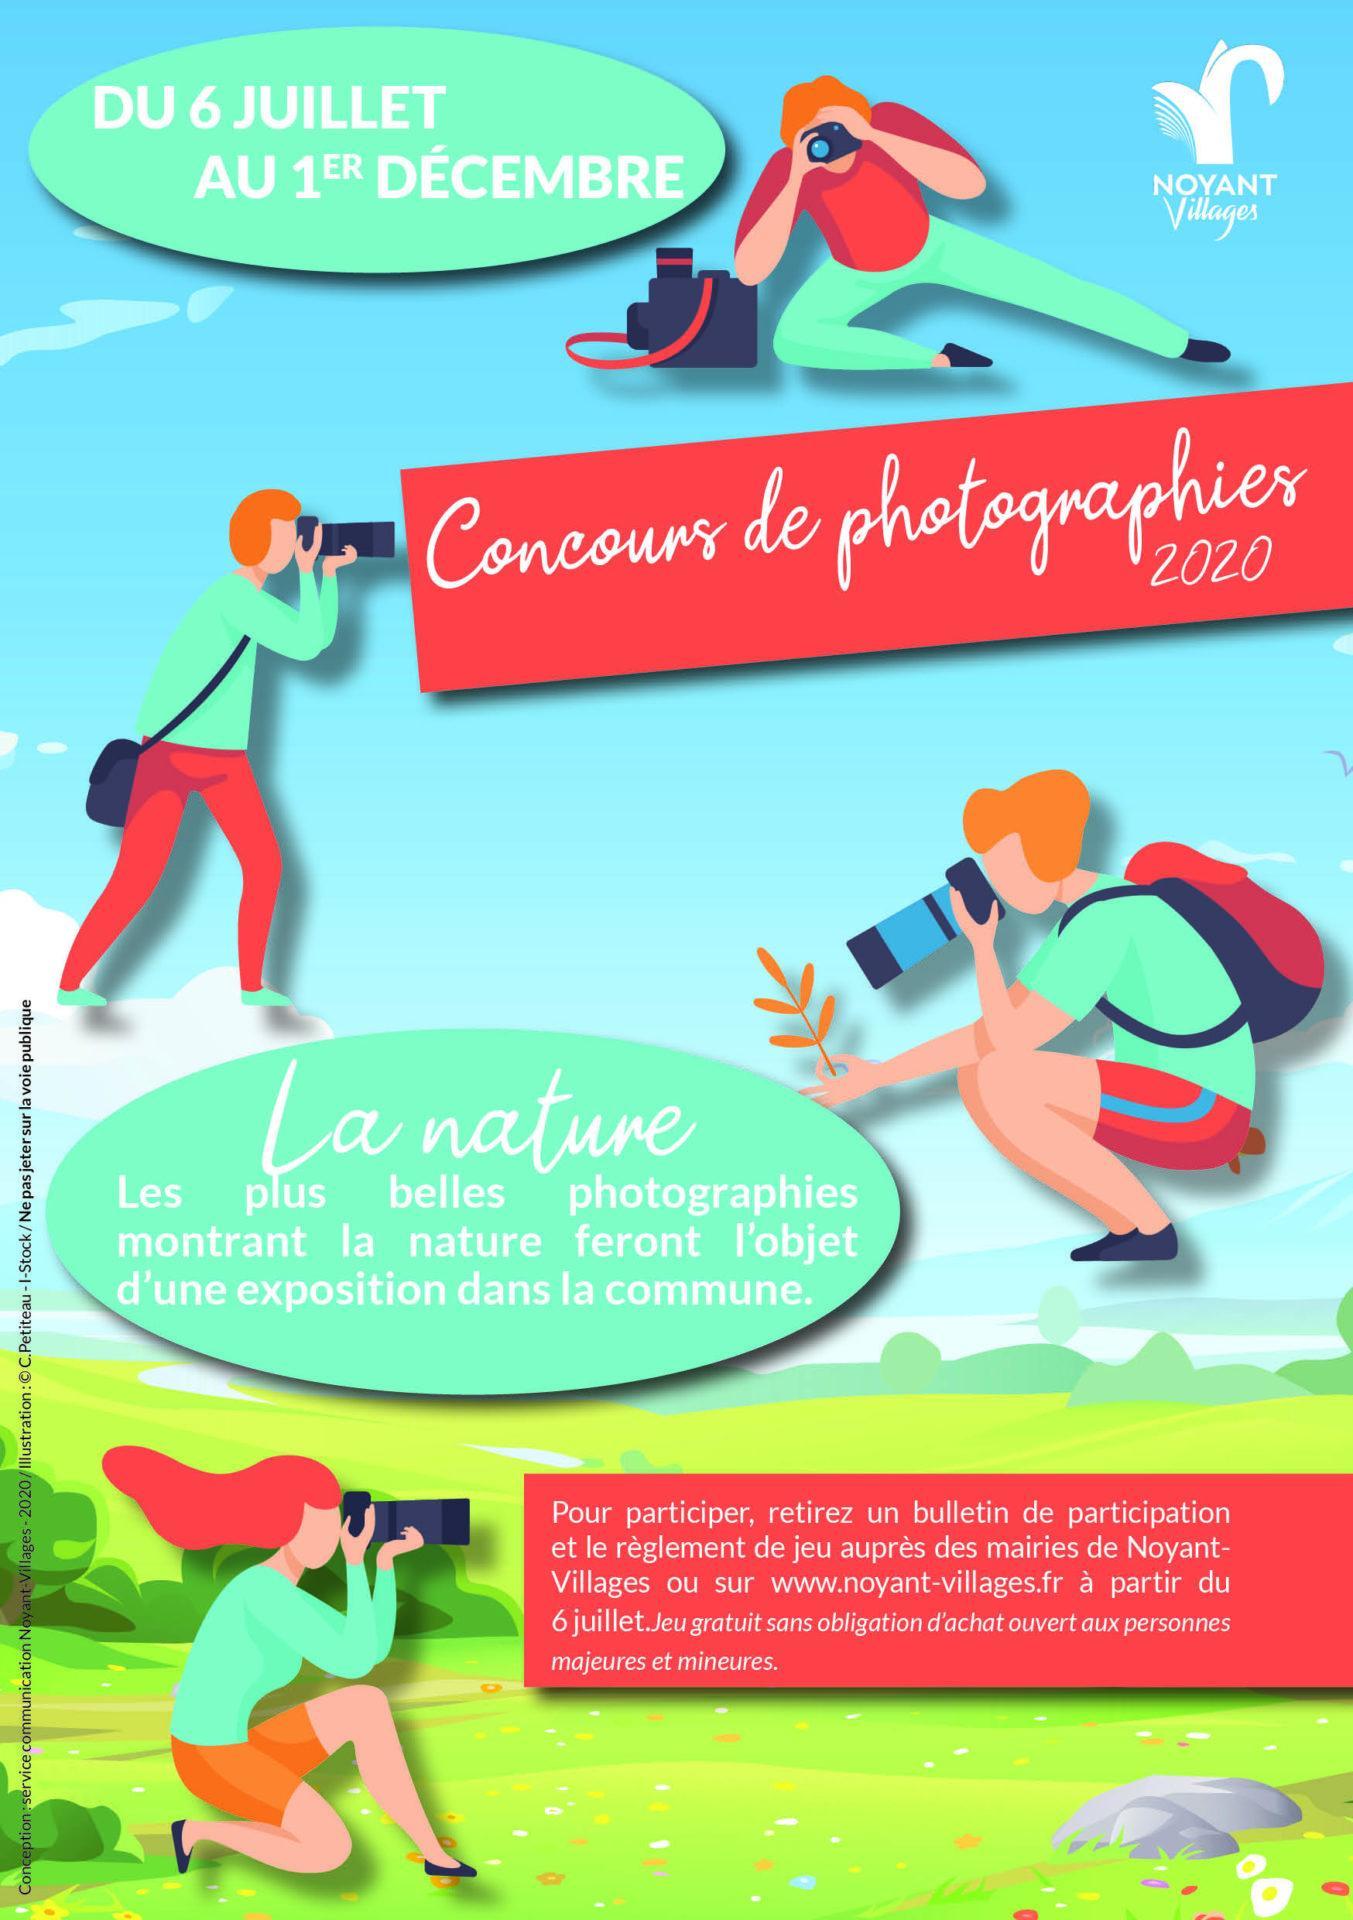 Concours de photographies à Noyant-Villages (49)